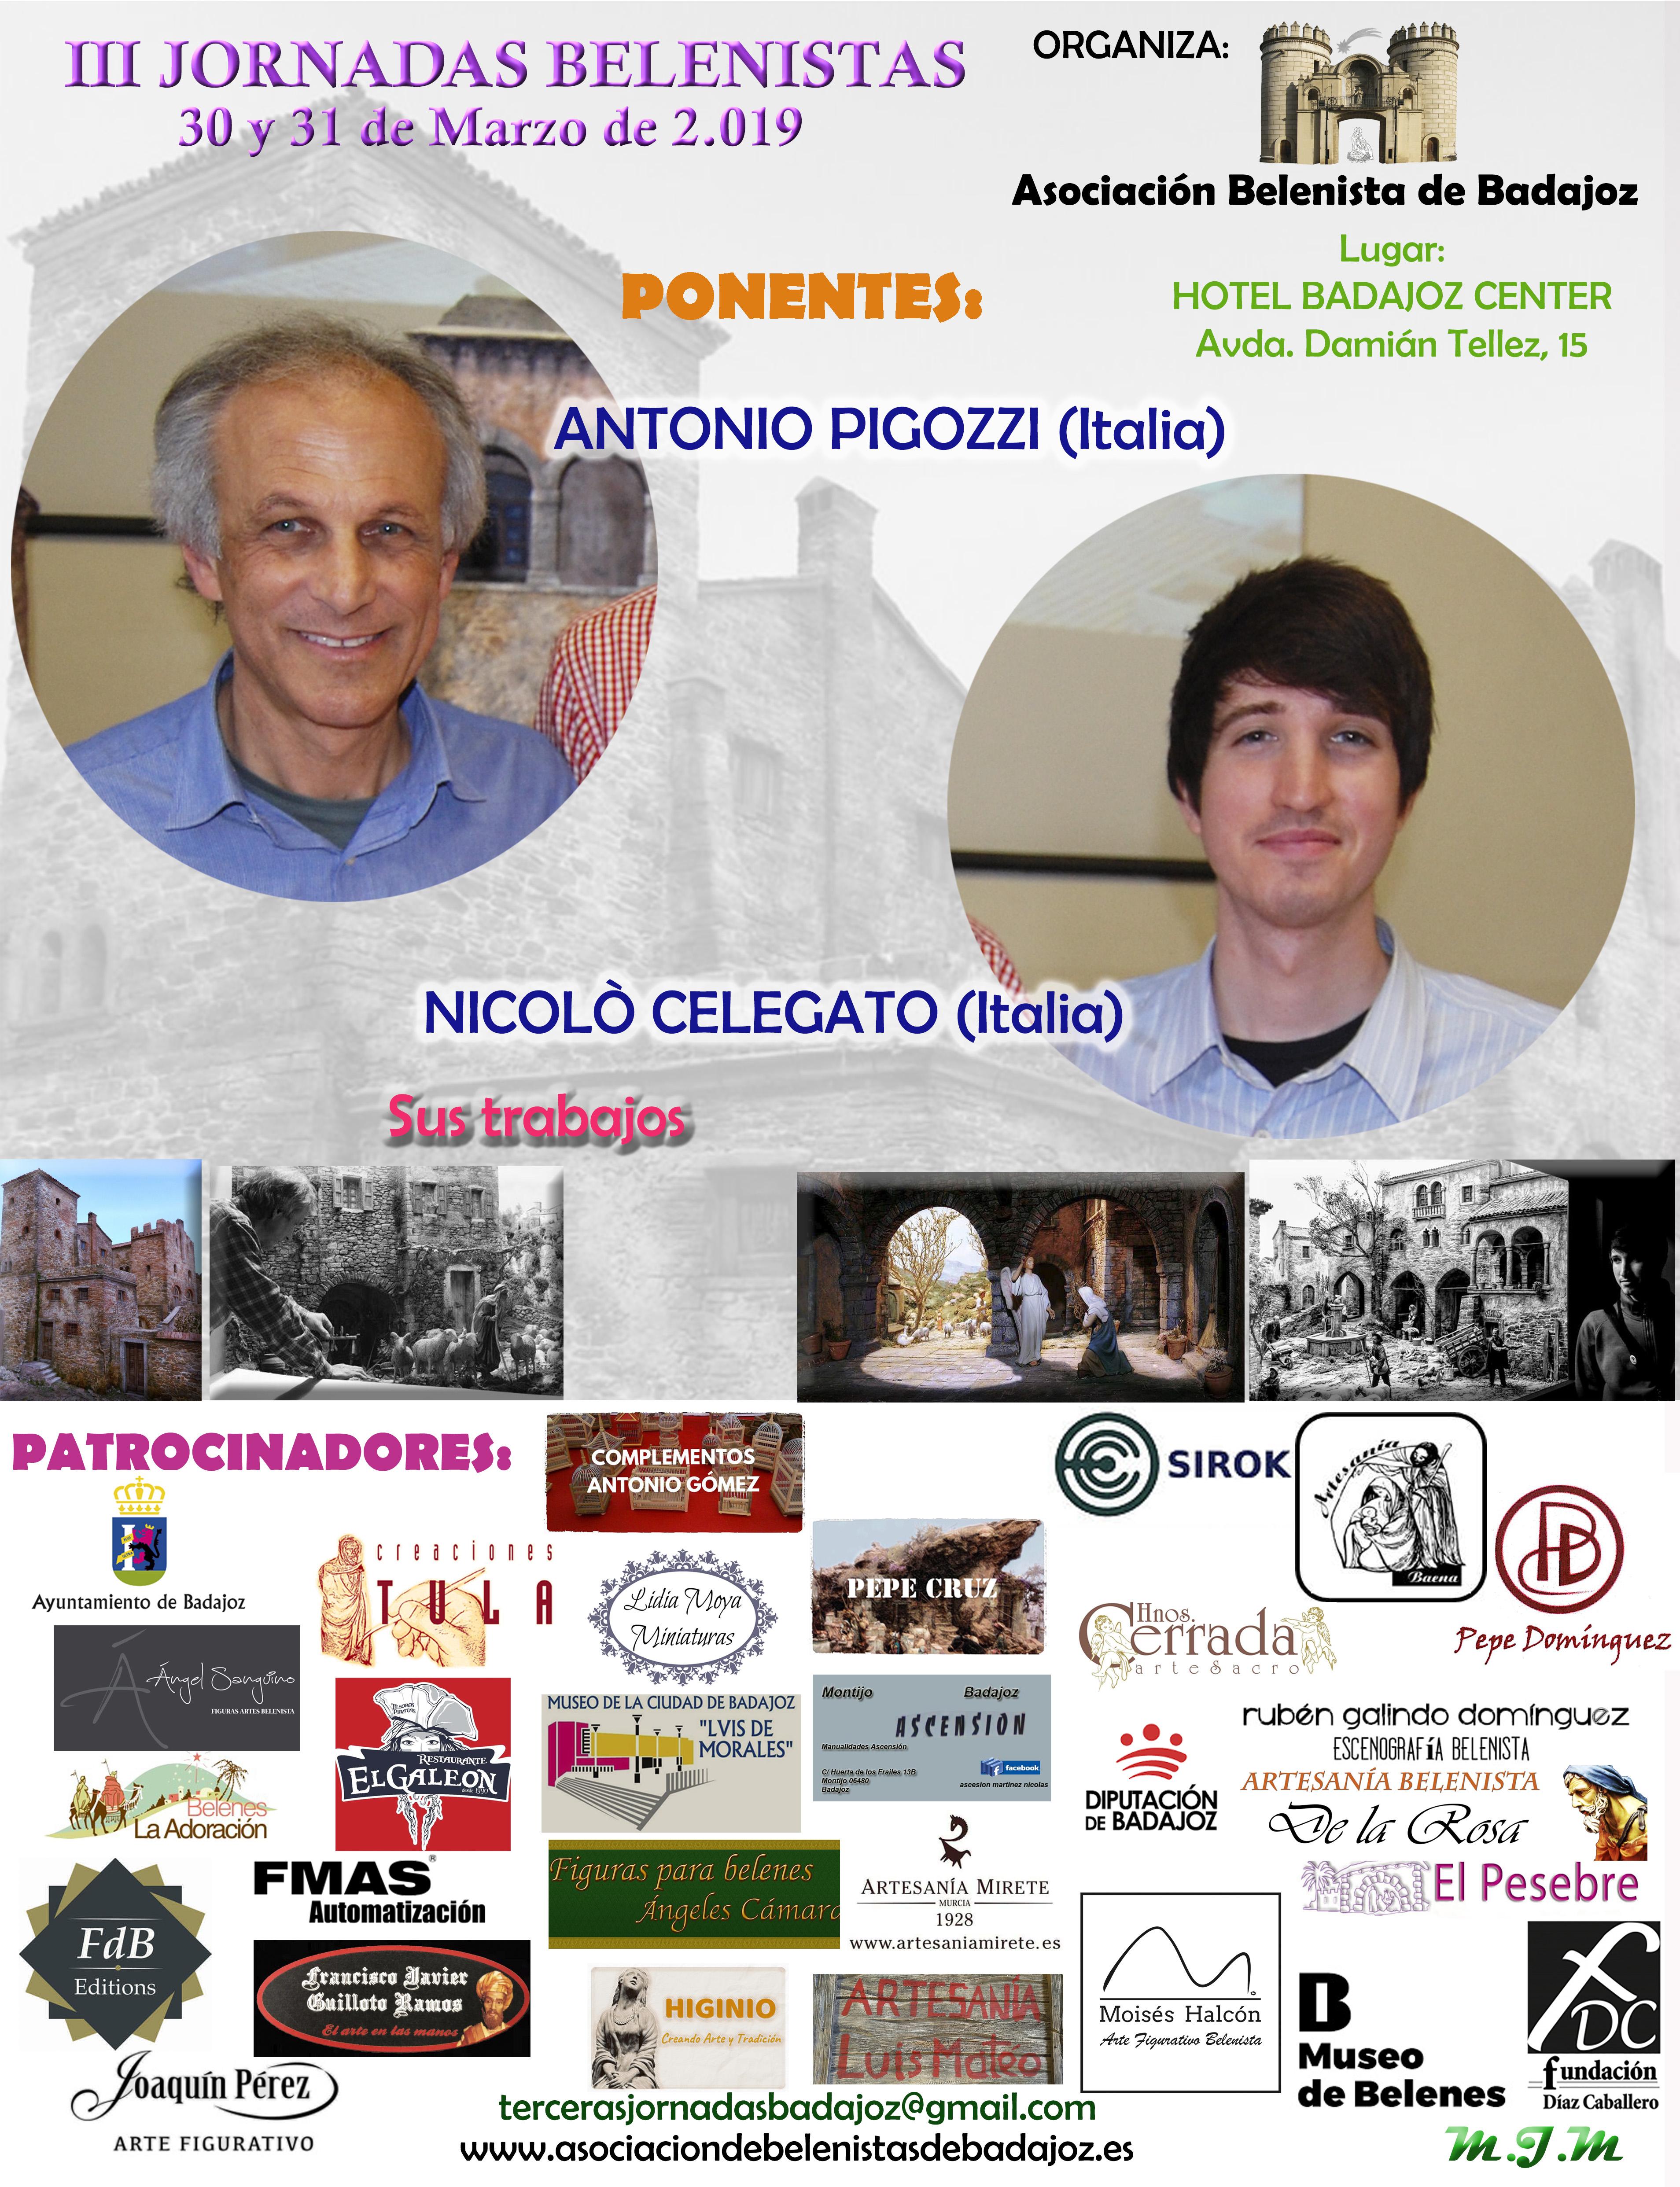 Cartel III Jornadas Belenistas - Asociación Belenista de Badajoz